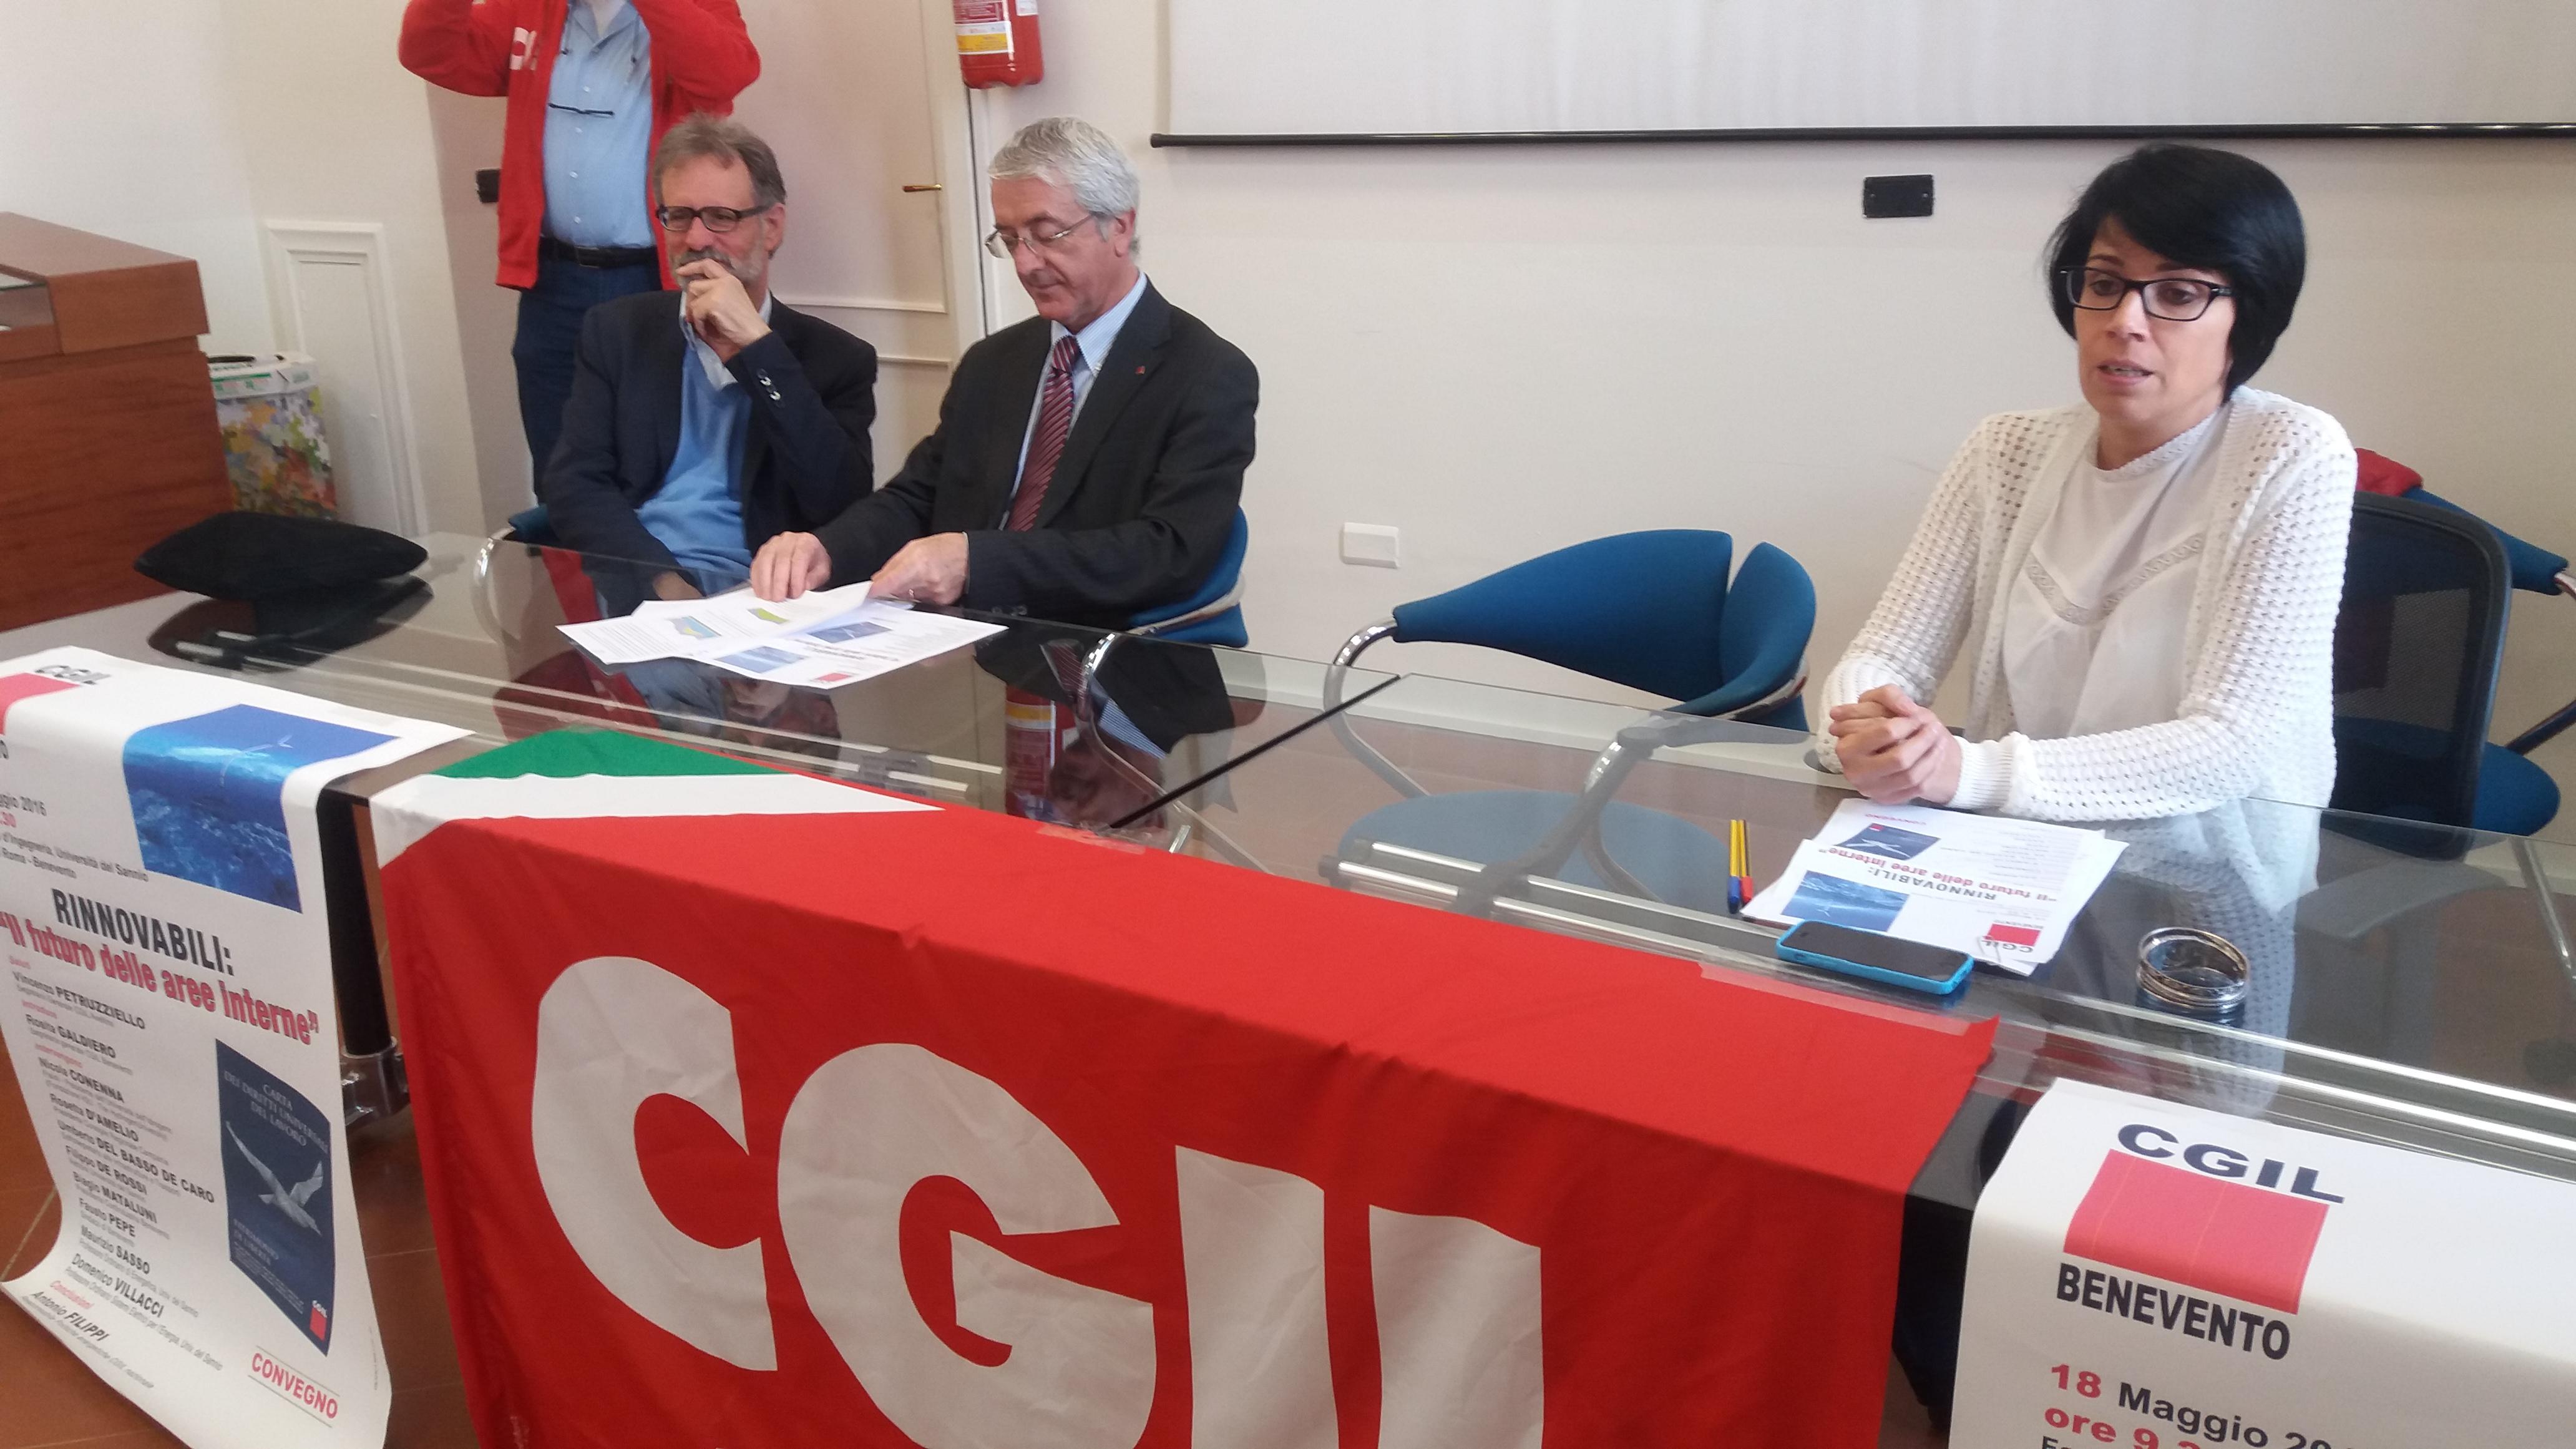 Sfruttare energia eolica a Benevento e Avellino: la scommessa della Cgil